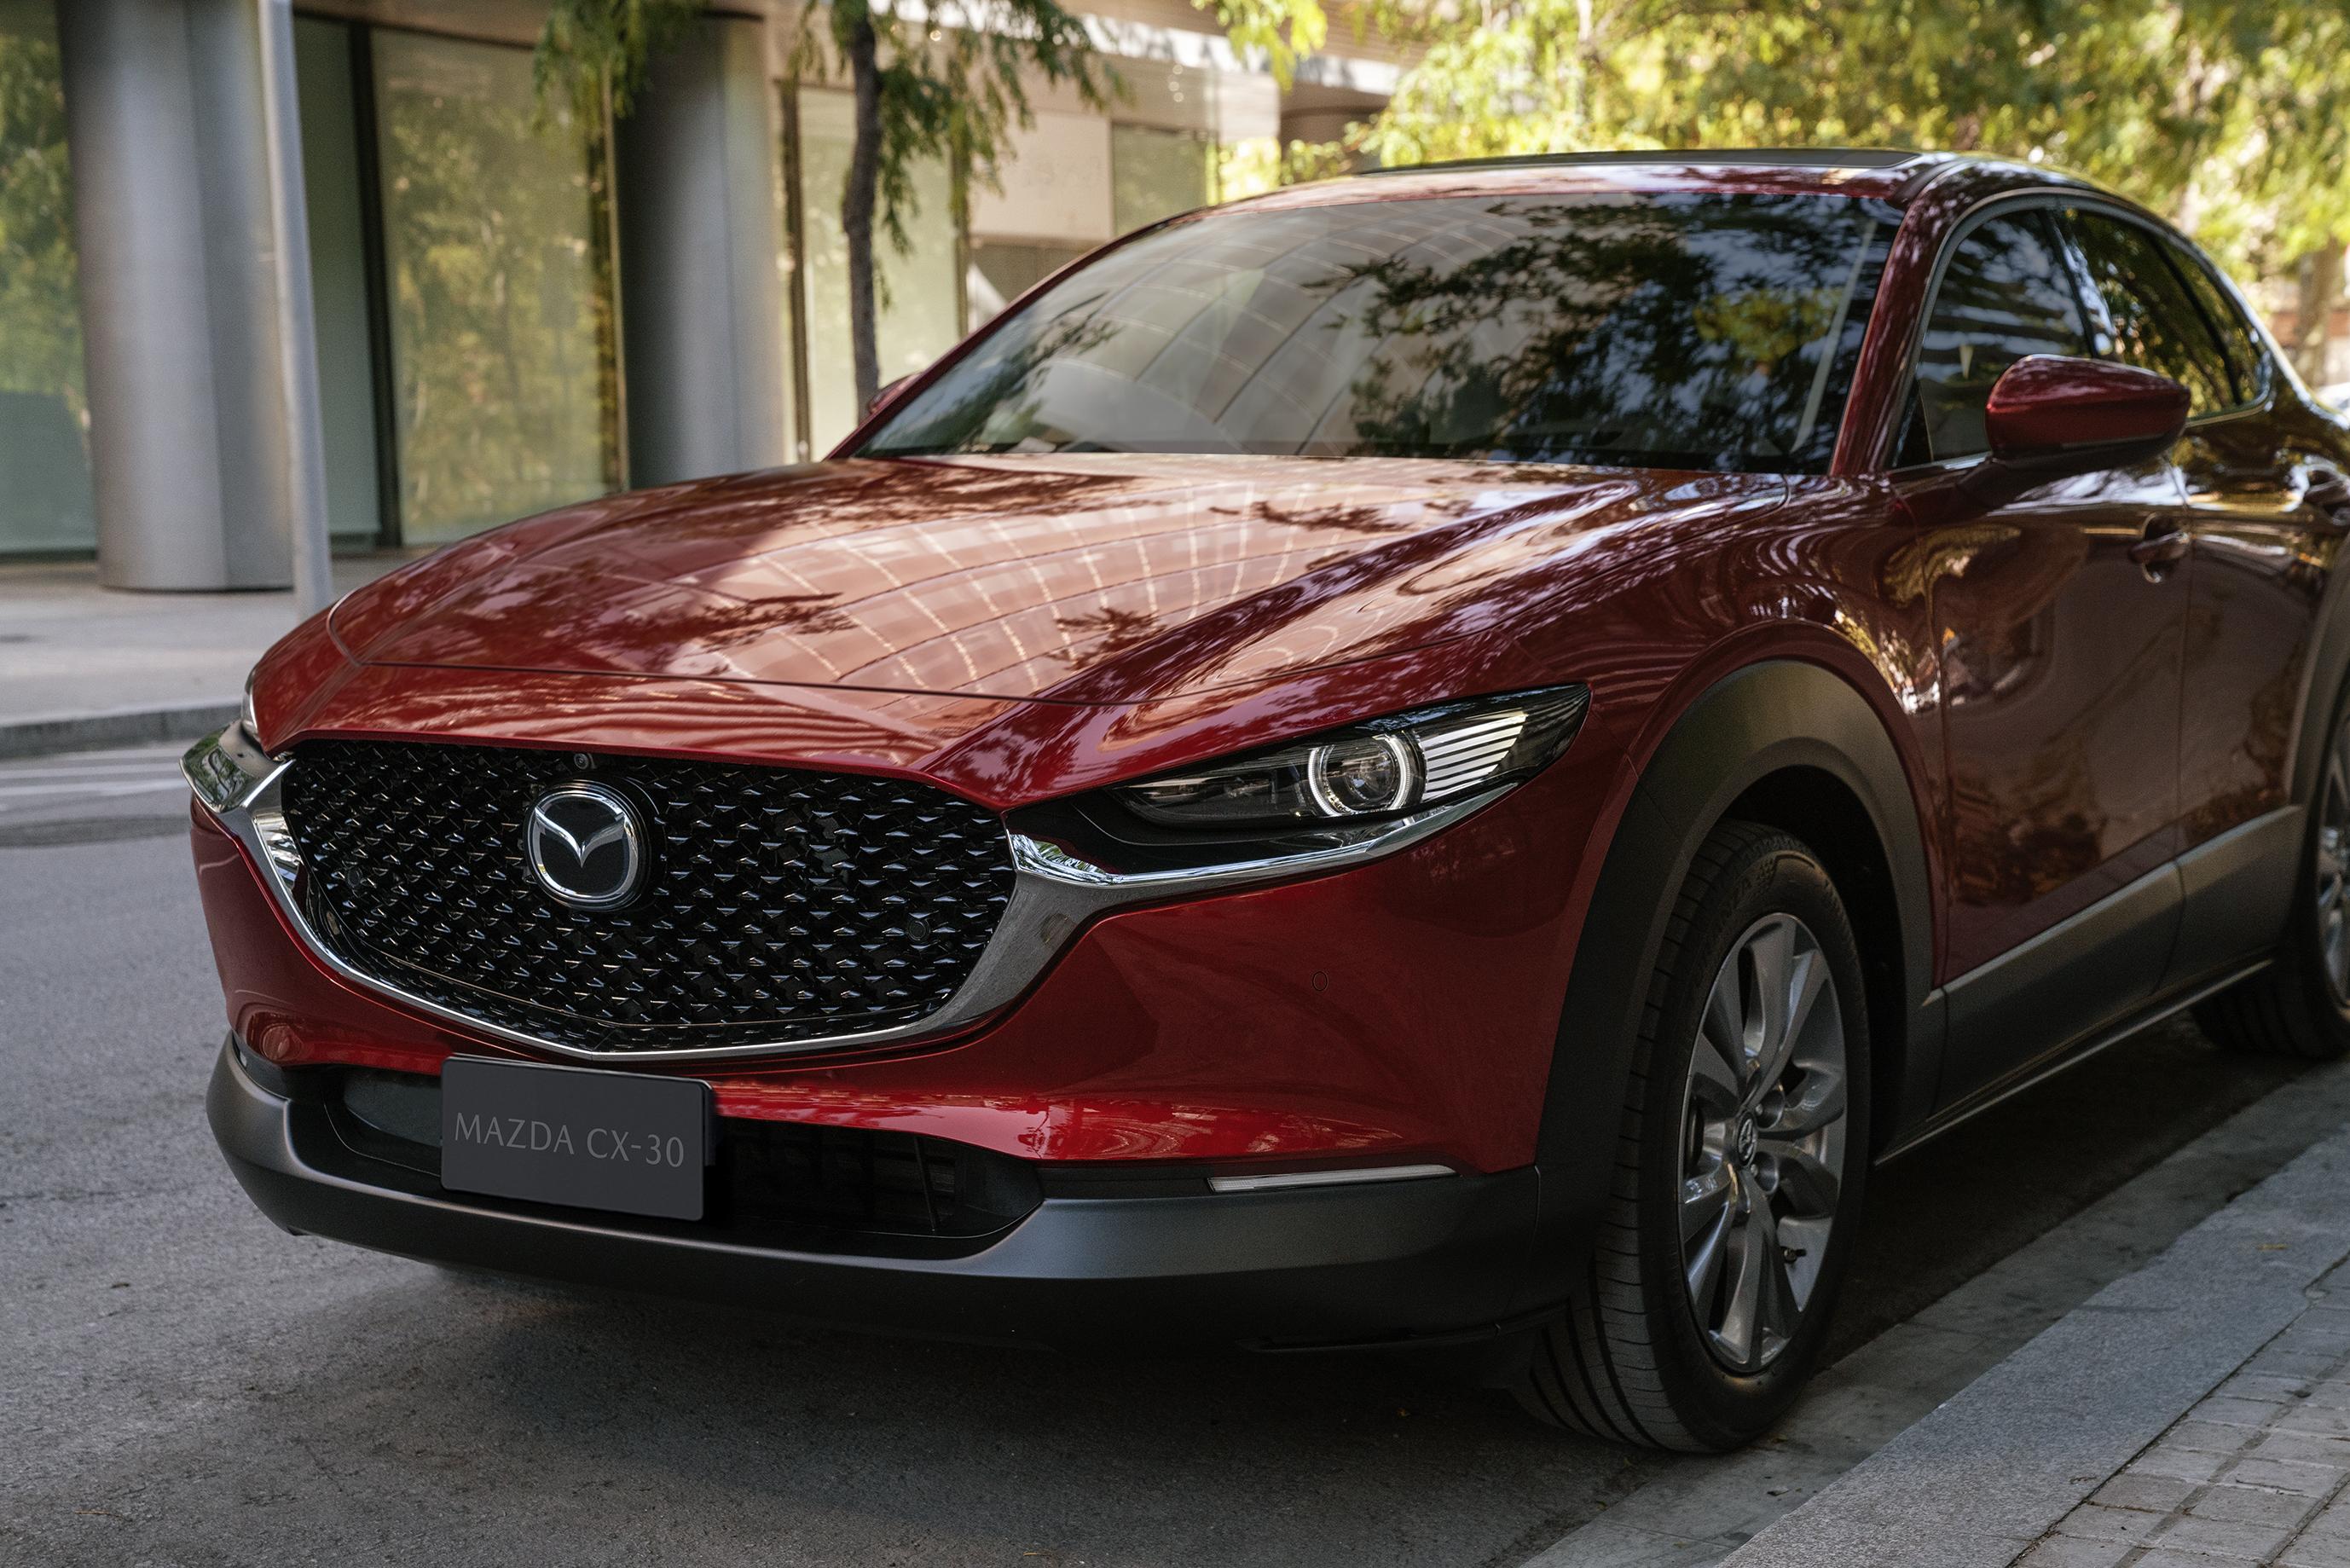 2019-CX-30-All-New-Mazda-CX-30-Launch-campaign-Still-Asset-Life-with-Creativity-DSA8115